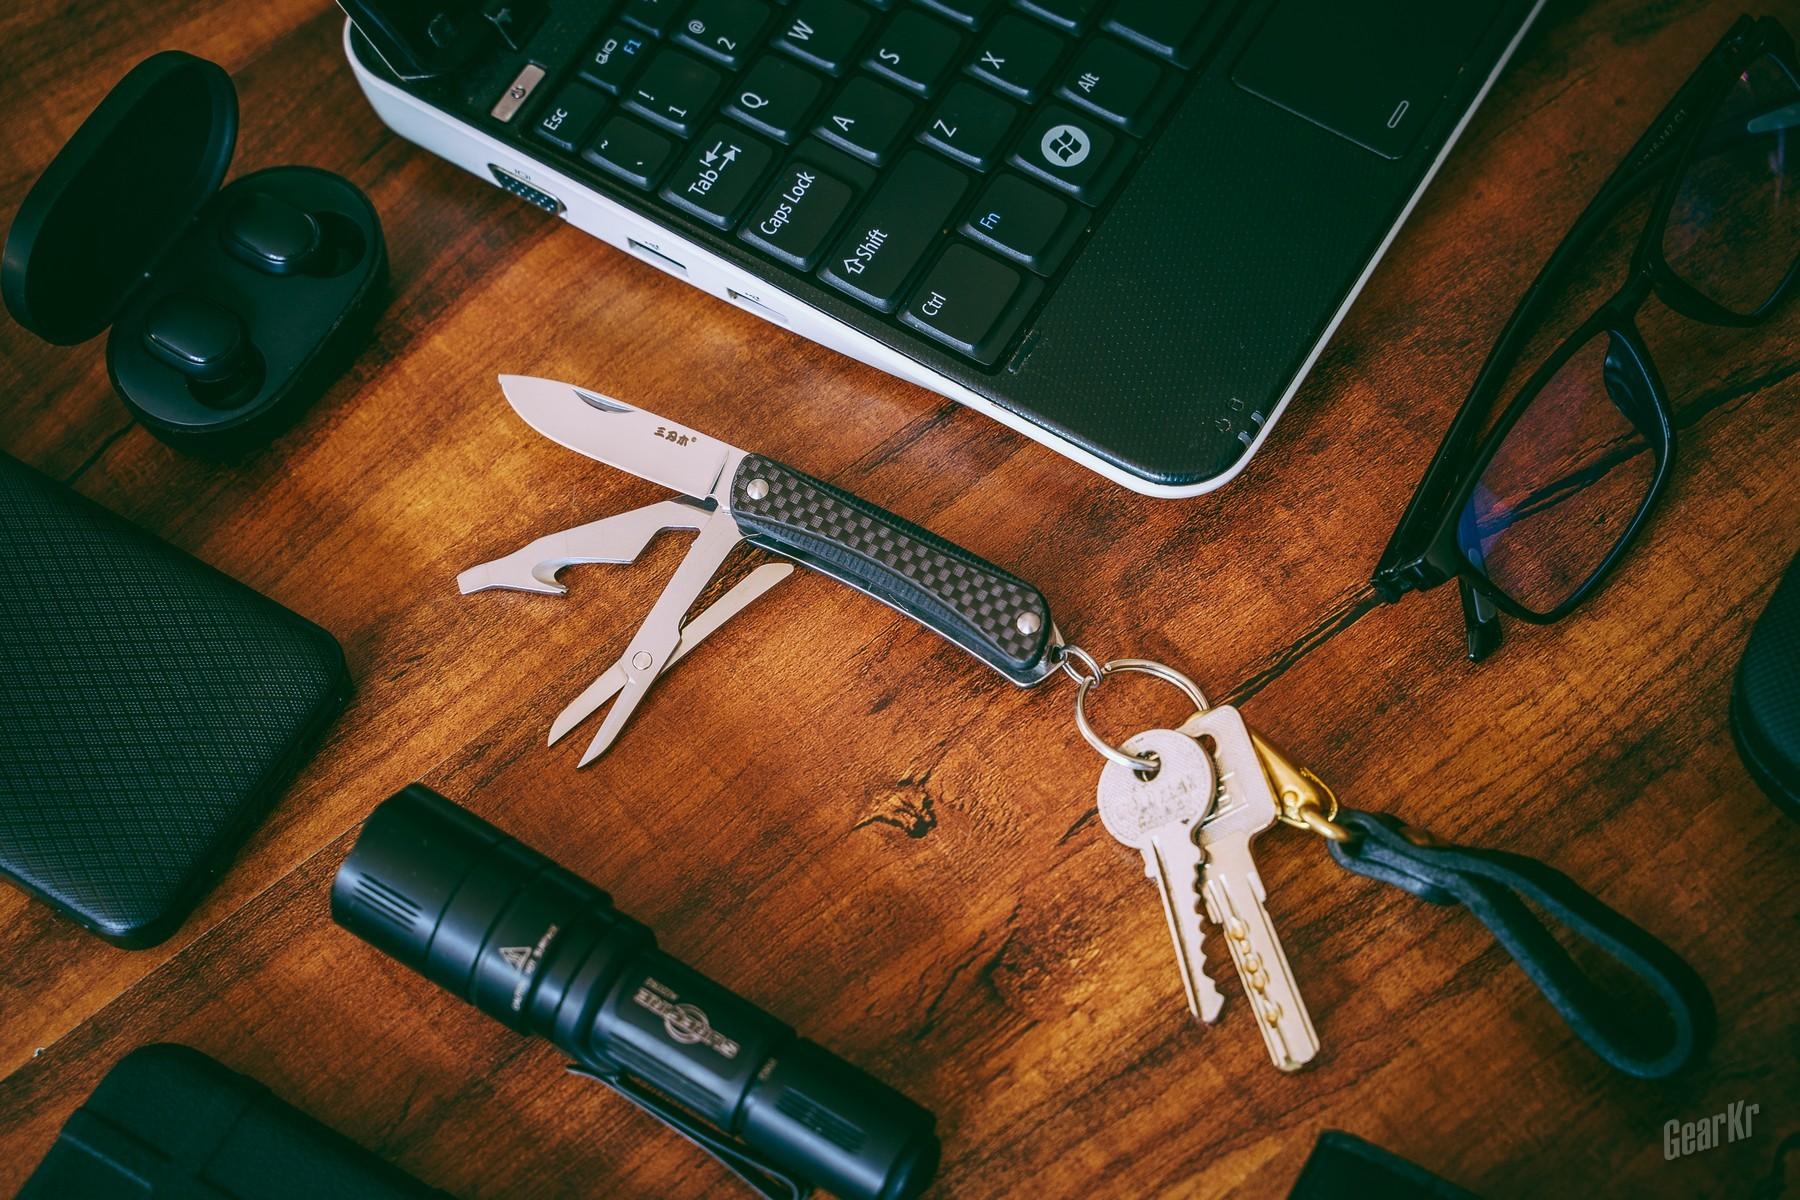 挂在钥匙环上的多功能军刀——三刃木WA631系列多功能军刀评测